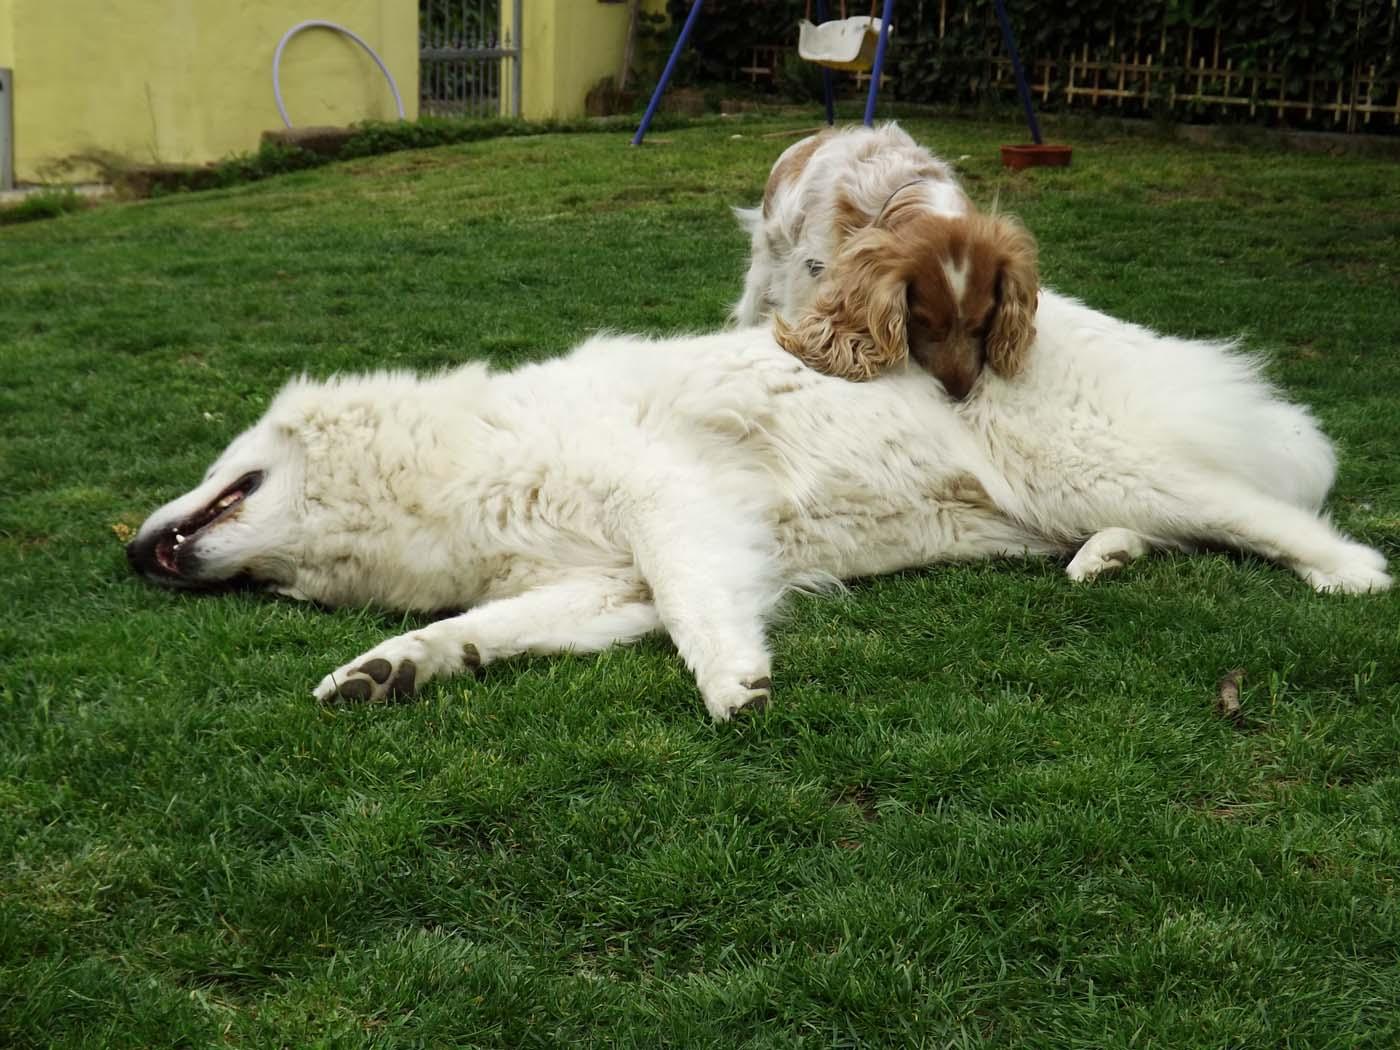 un cane che gioca con un pastore maremmano sdraiato in un prato